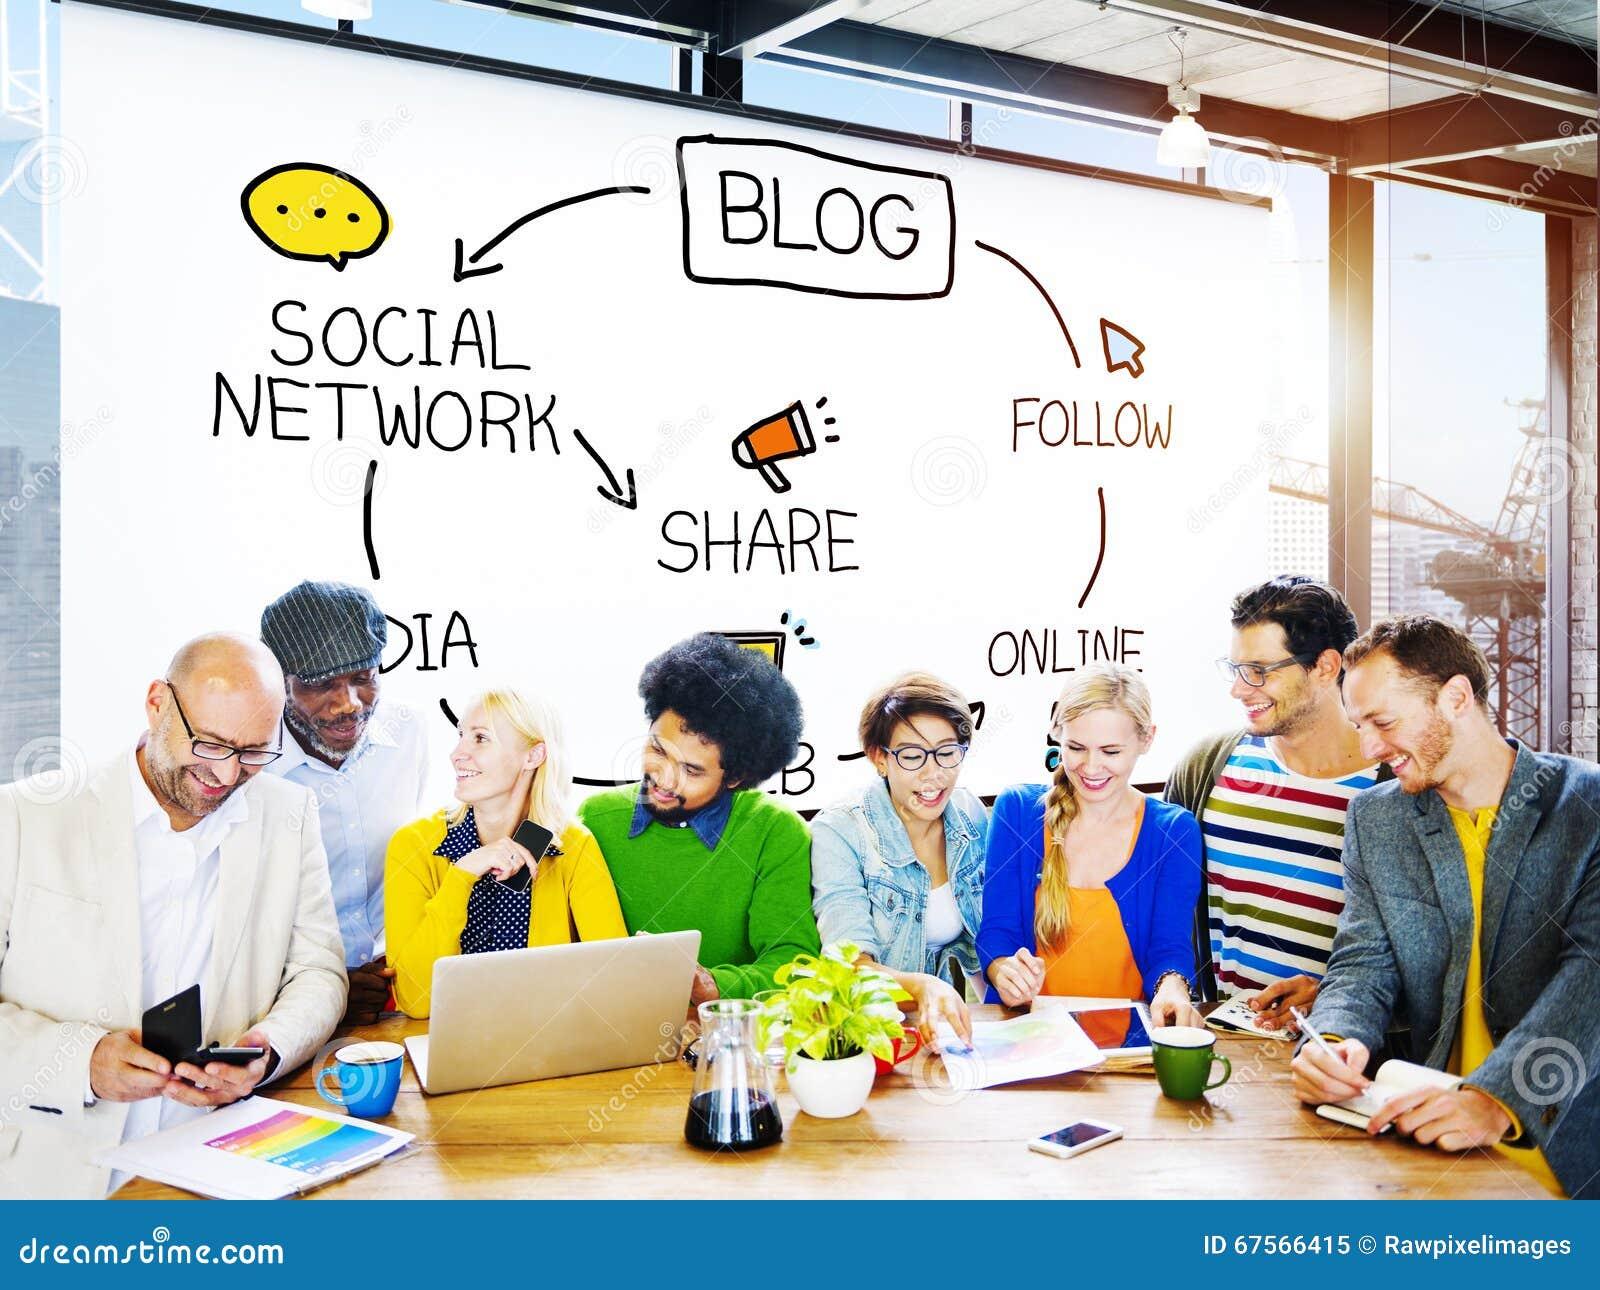 Η επικοινωνία Blogging Blog συνδέει την κοινωνική έννοια στοιχείων